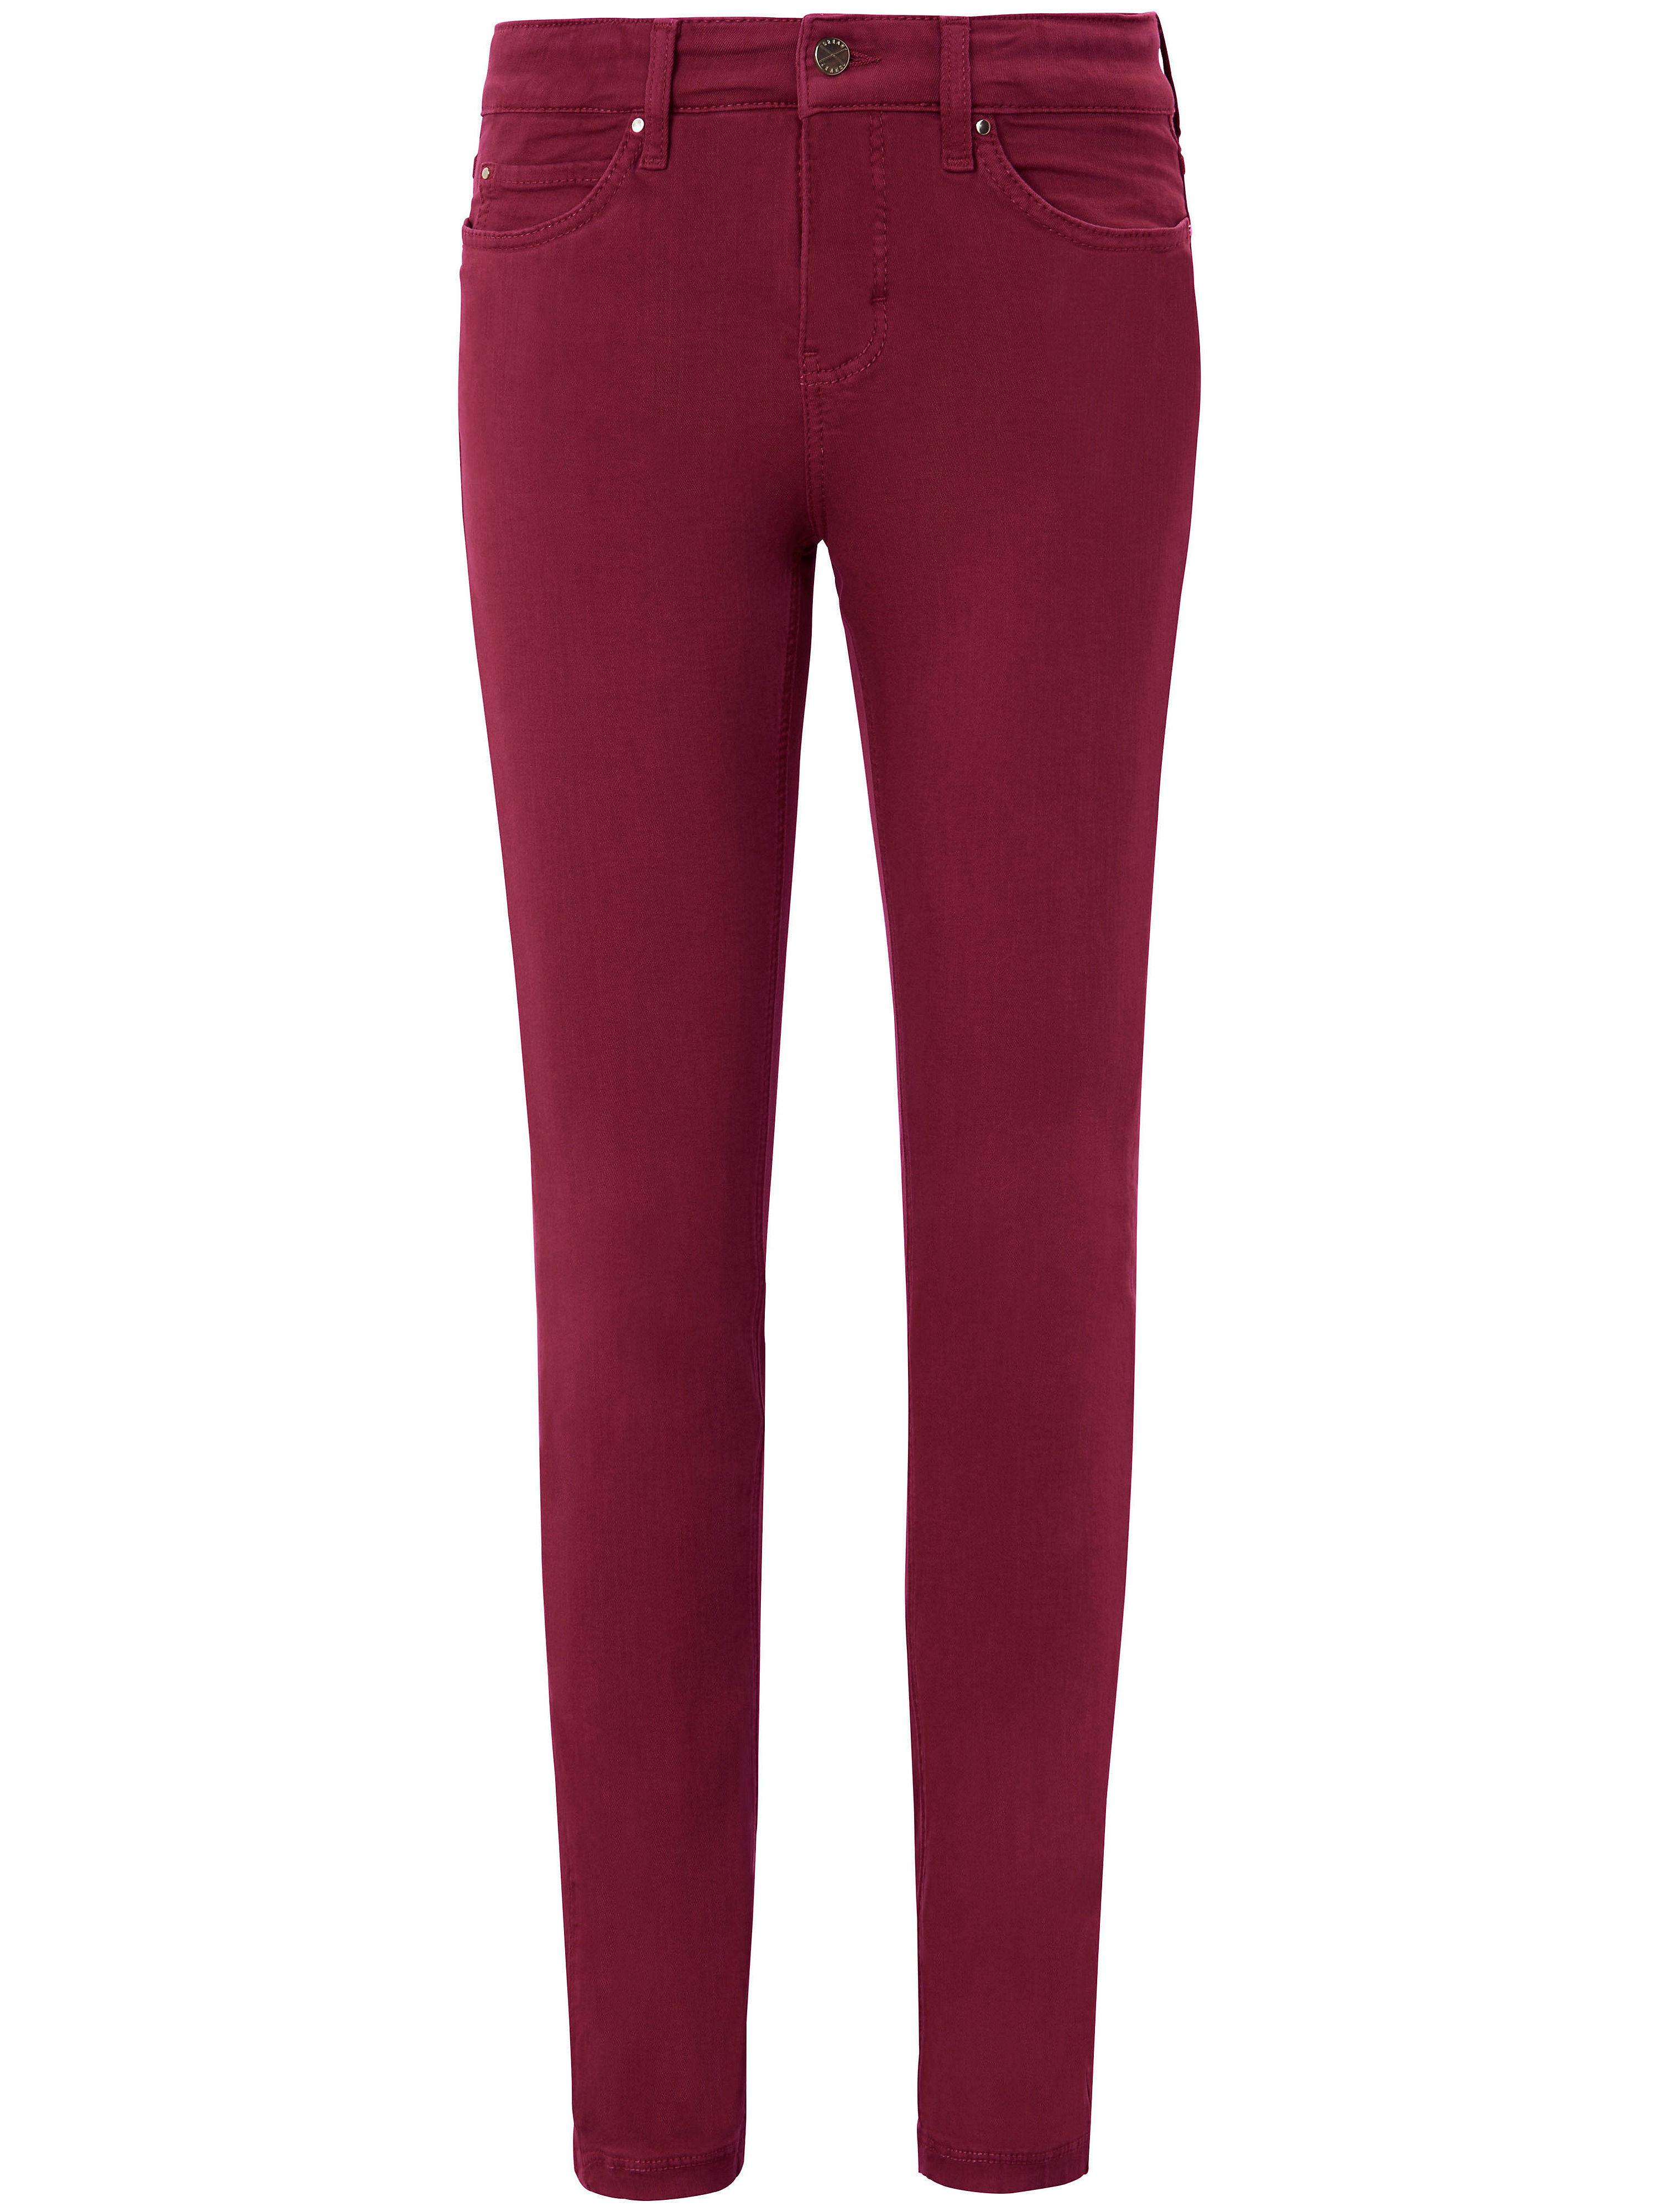 Mac Jeans Dream Skinny, tumlängd 28 och 30 från Mac röd